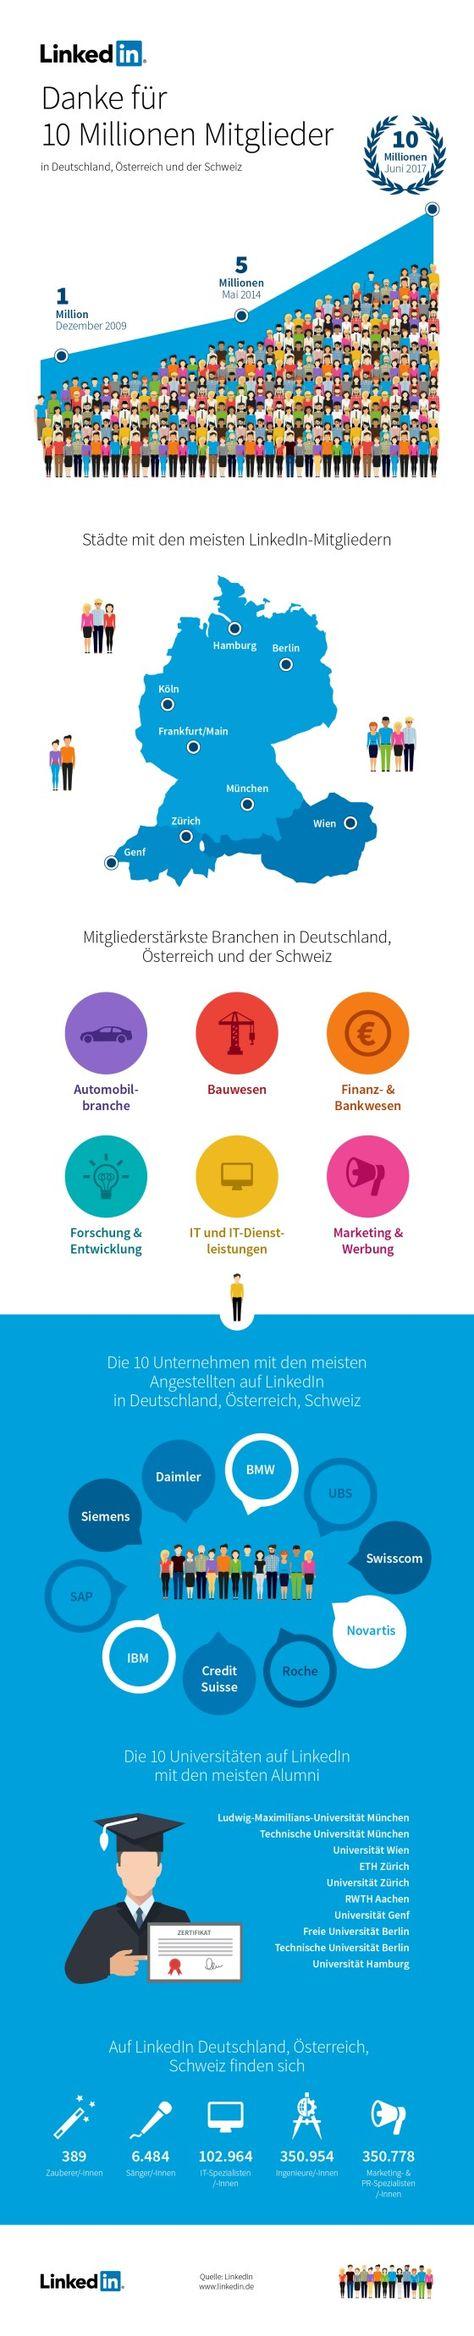 Gemütlich Finde Meinen Lebenslauf Auf Linkedin Galerie ...